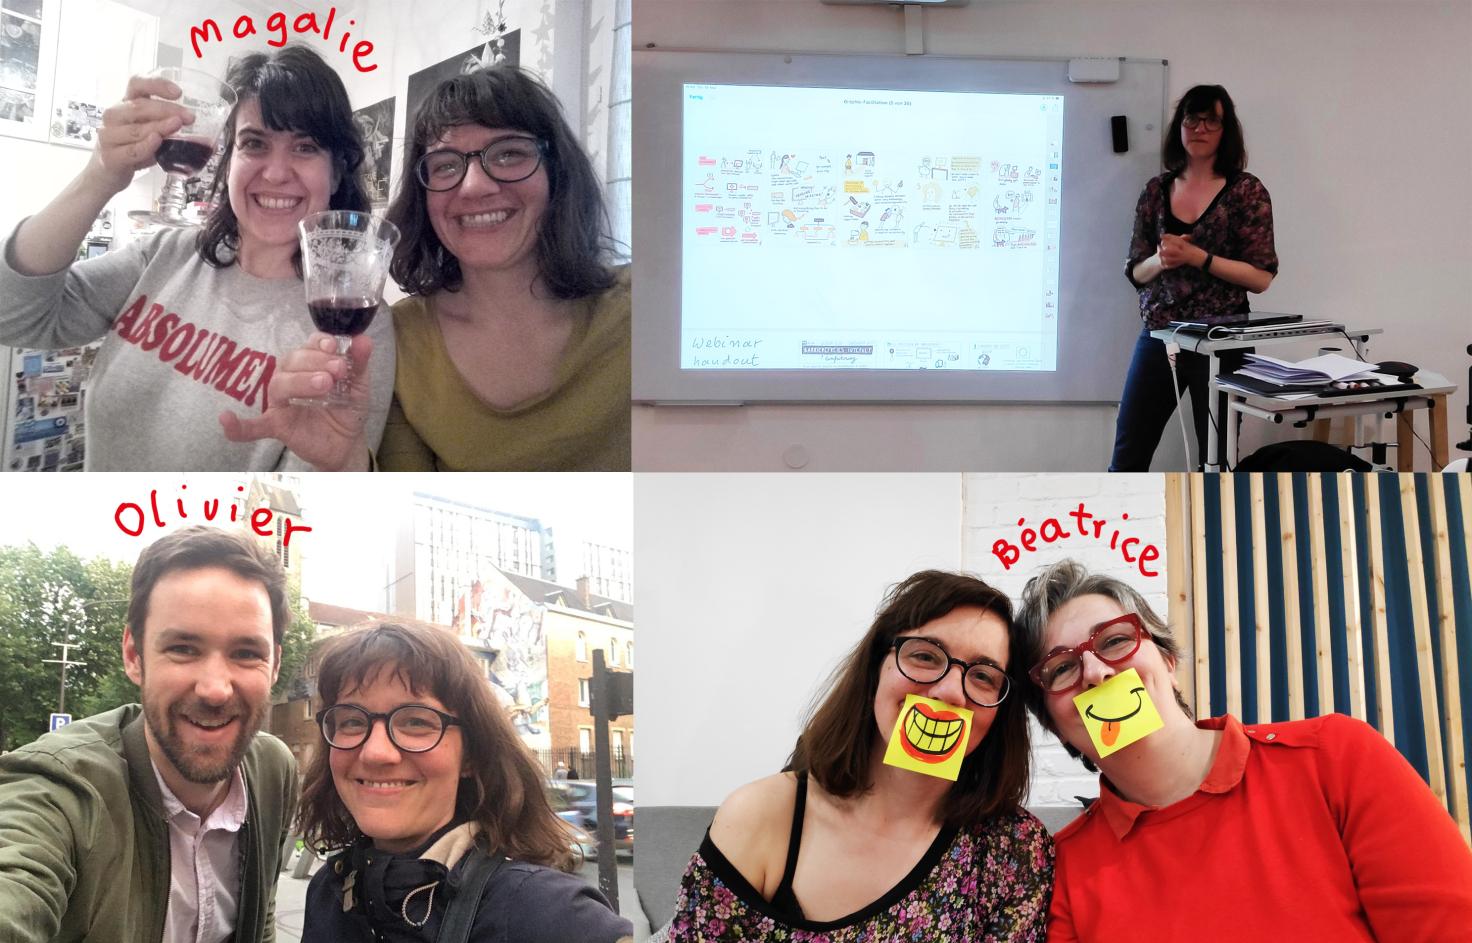 Vier Bilder insgesamt. drei Selfies mit der jeweiligen Person. Das mit Magalie sieht lustig aus, weil wir mit Weingläsern lachen und das mit Beatrice sieht lustig aus, weil wir Posits auf unseren Münden kleben haben. Darauf sind lachende Münder gezeichnet. Ein Foto zeit mich beim Präsentieren ins Beas Workshop.